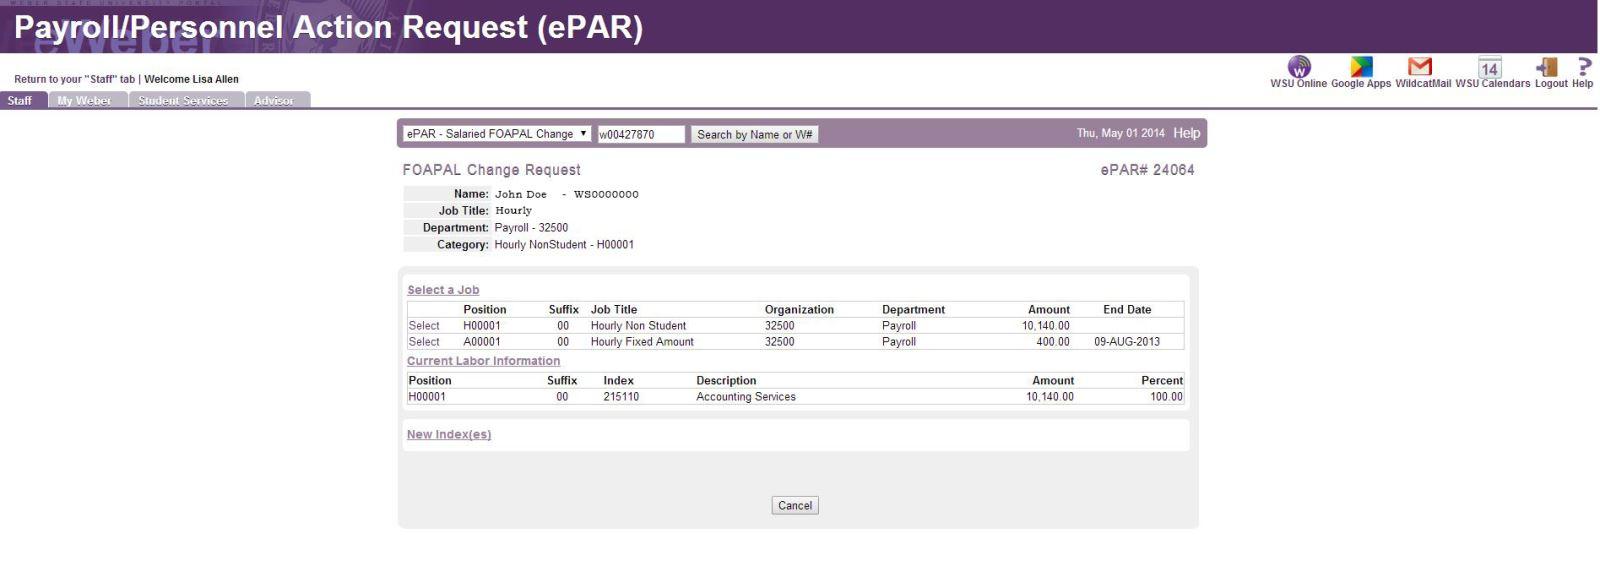 ePAR example two